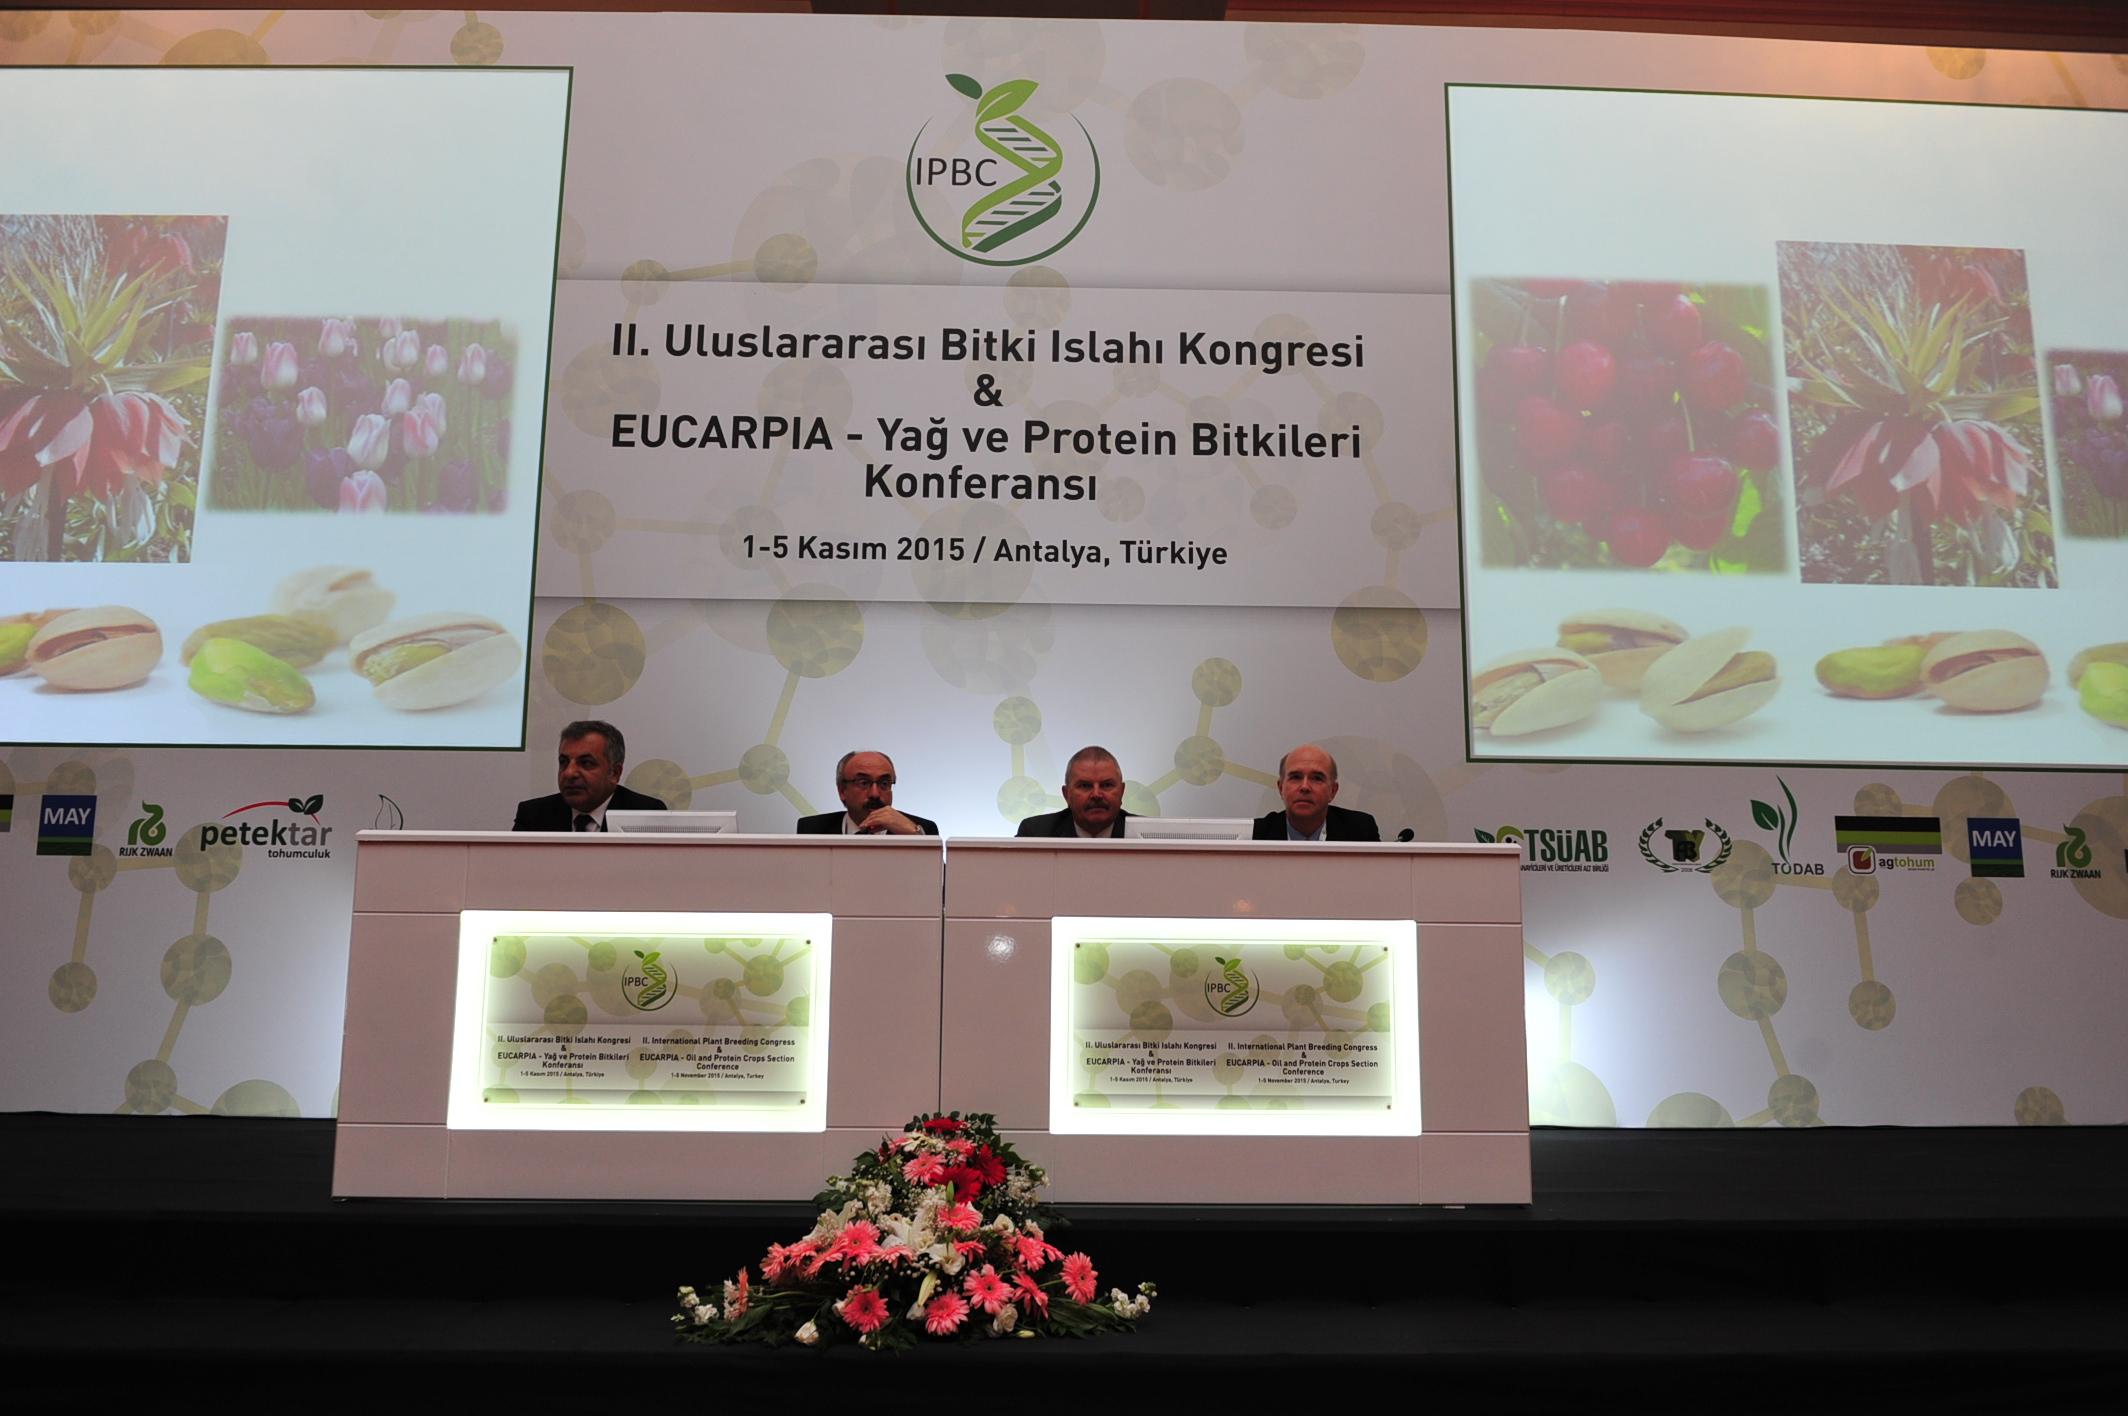 2. Uluslararası Bitki Islahı Kongresi düzenlendi